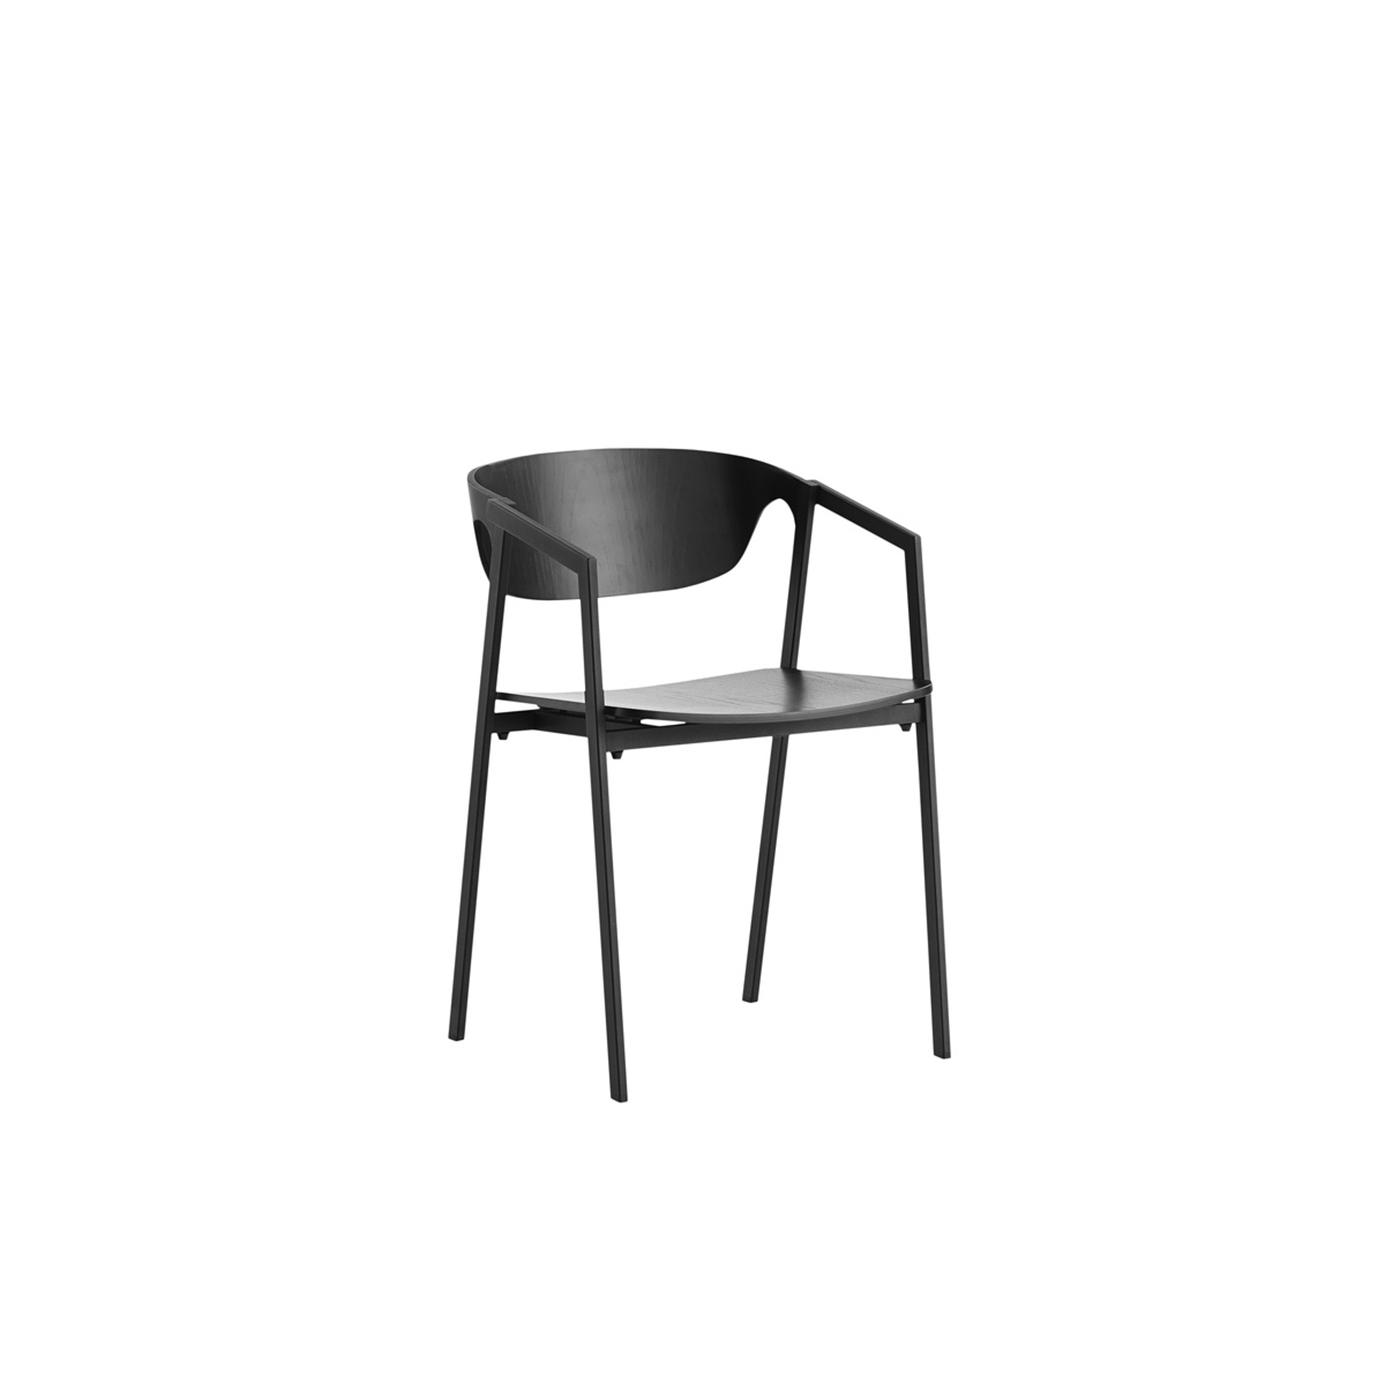 WOUD S.A.C. spisebordsstol - sort egetræsfinér/metal, m. armlæn